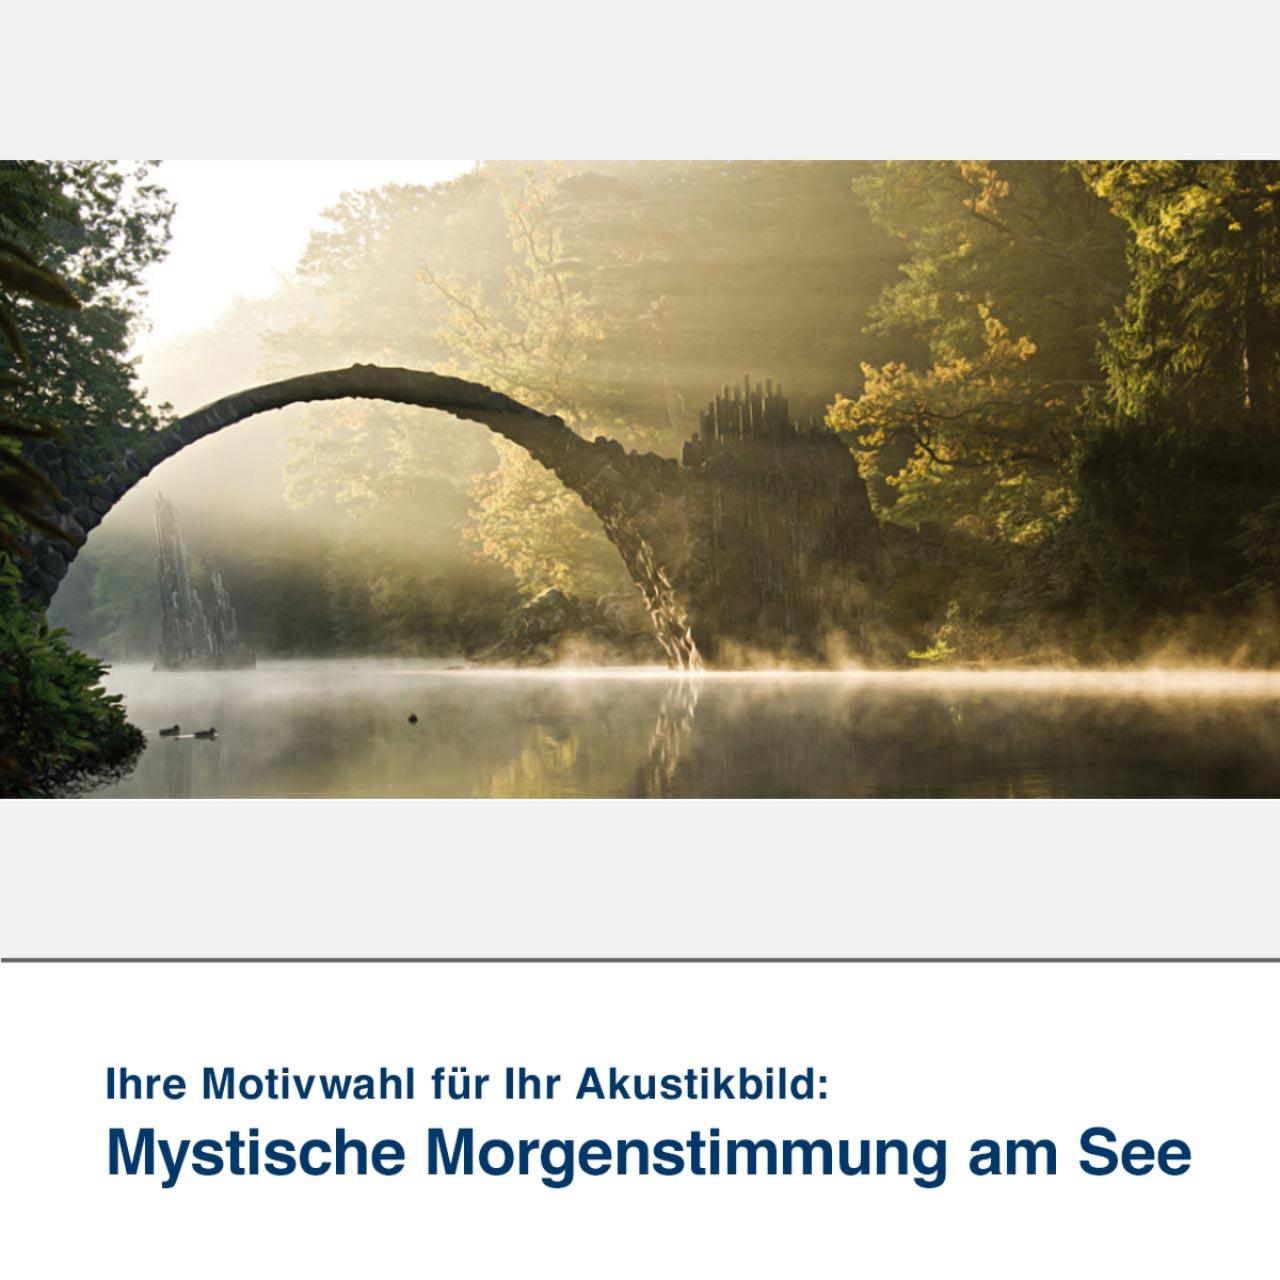 Akustikbild Mystische Morgenstimmung am See